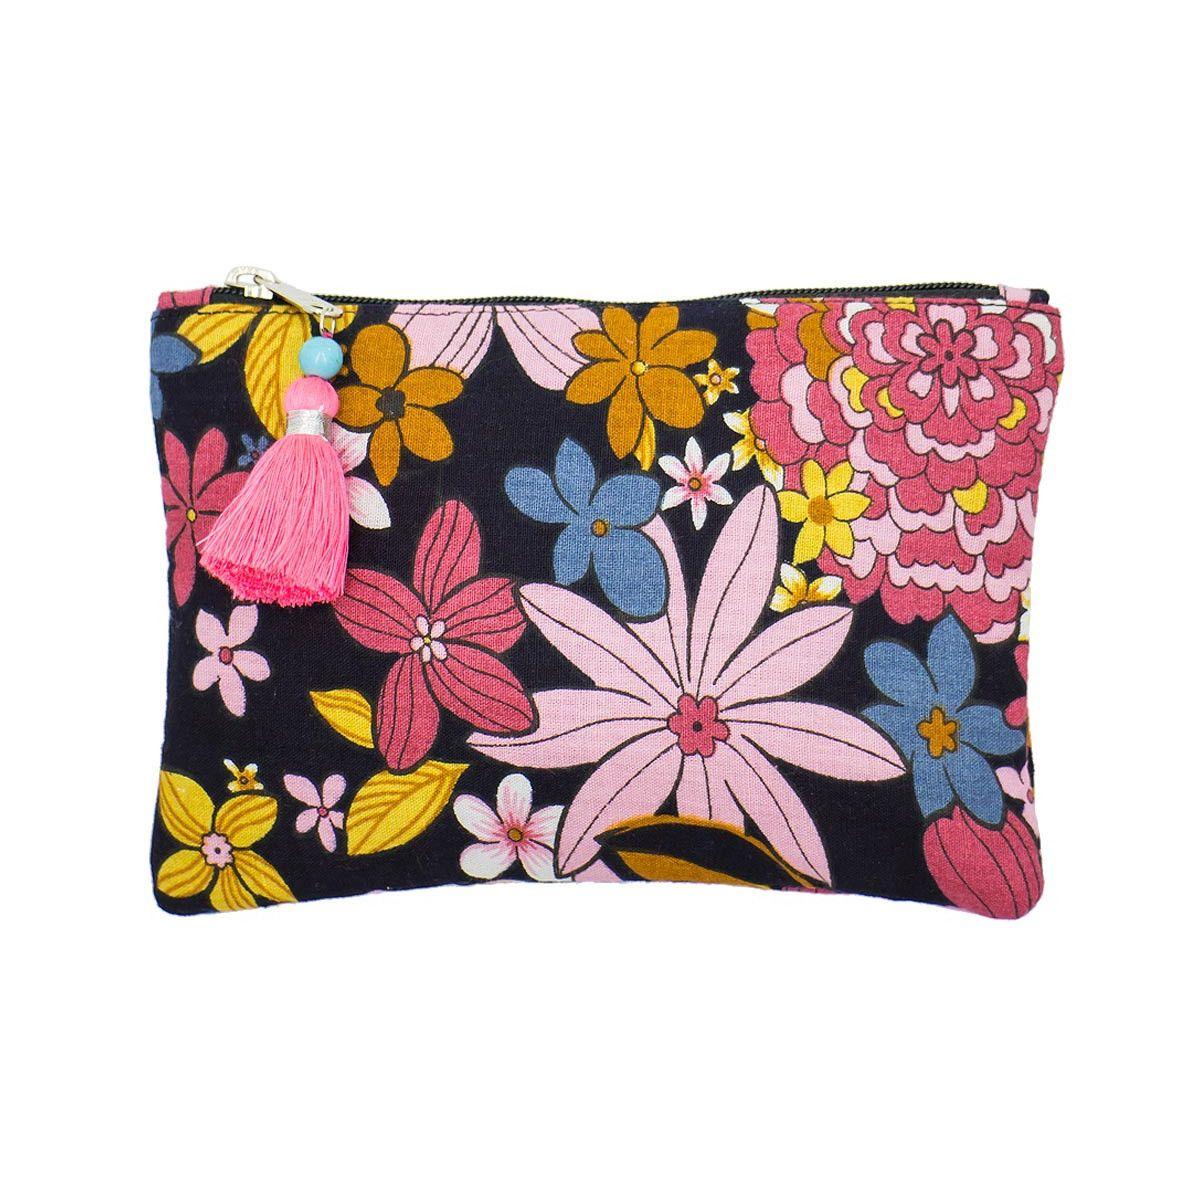 Petite pochette plate coton noir et fleurs colorées